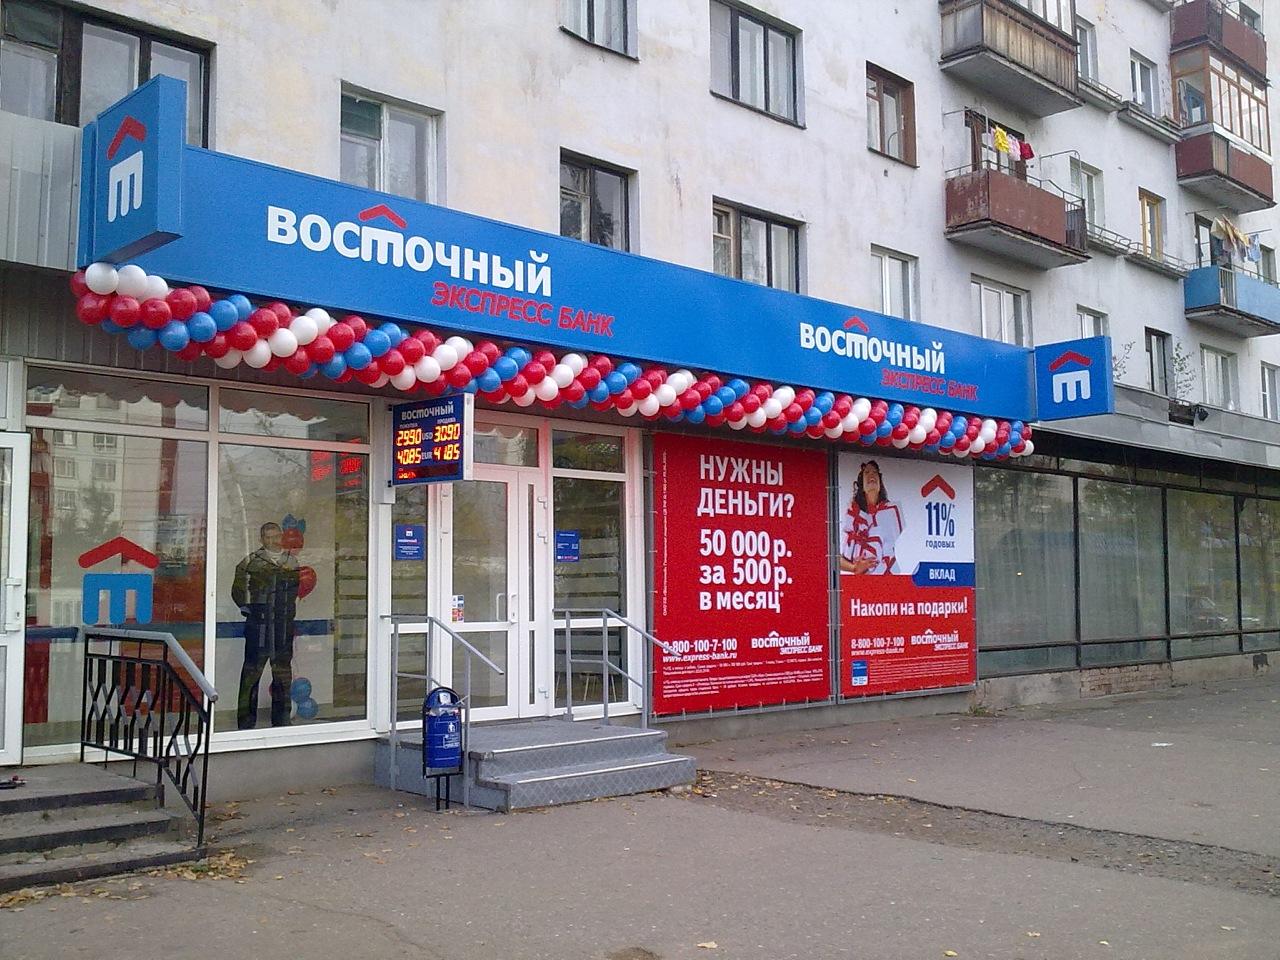 """В рекламе """"новогодних кредитов"""" Восточного экспресс банка ФАС нашла нарушения, printerxxl.ru"""